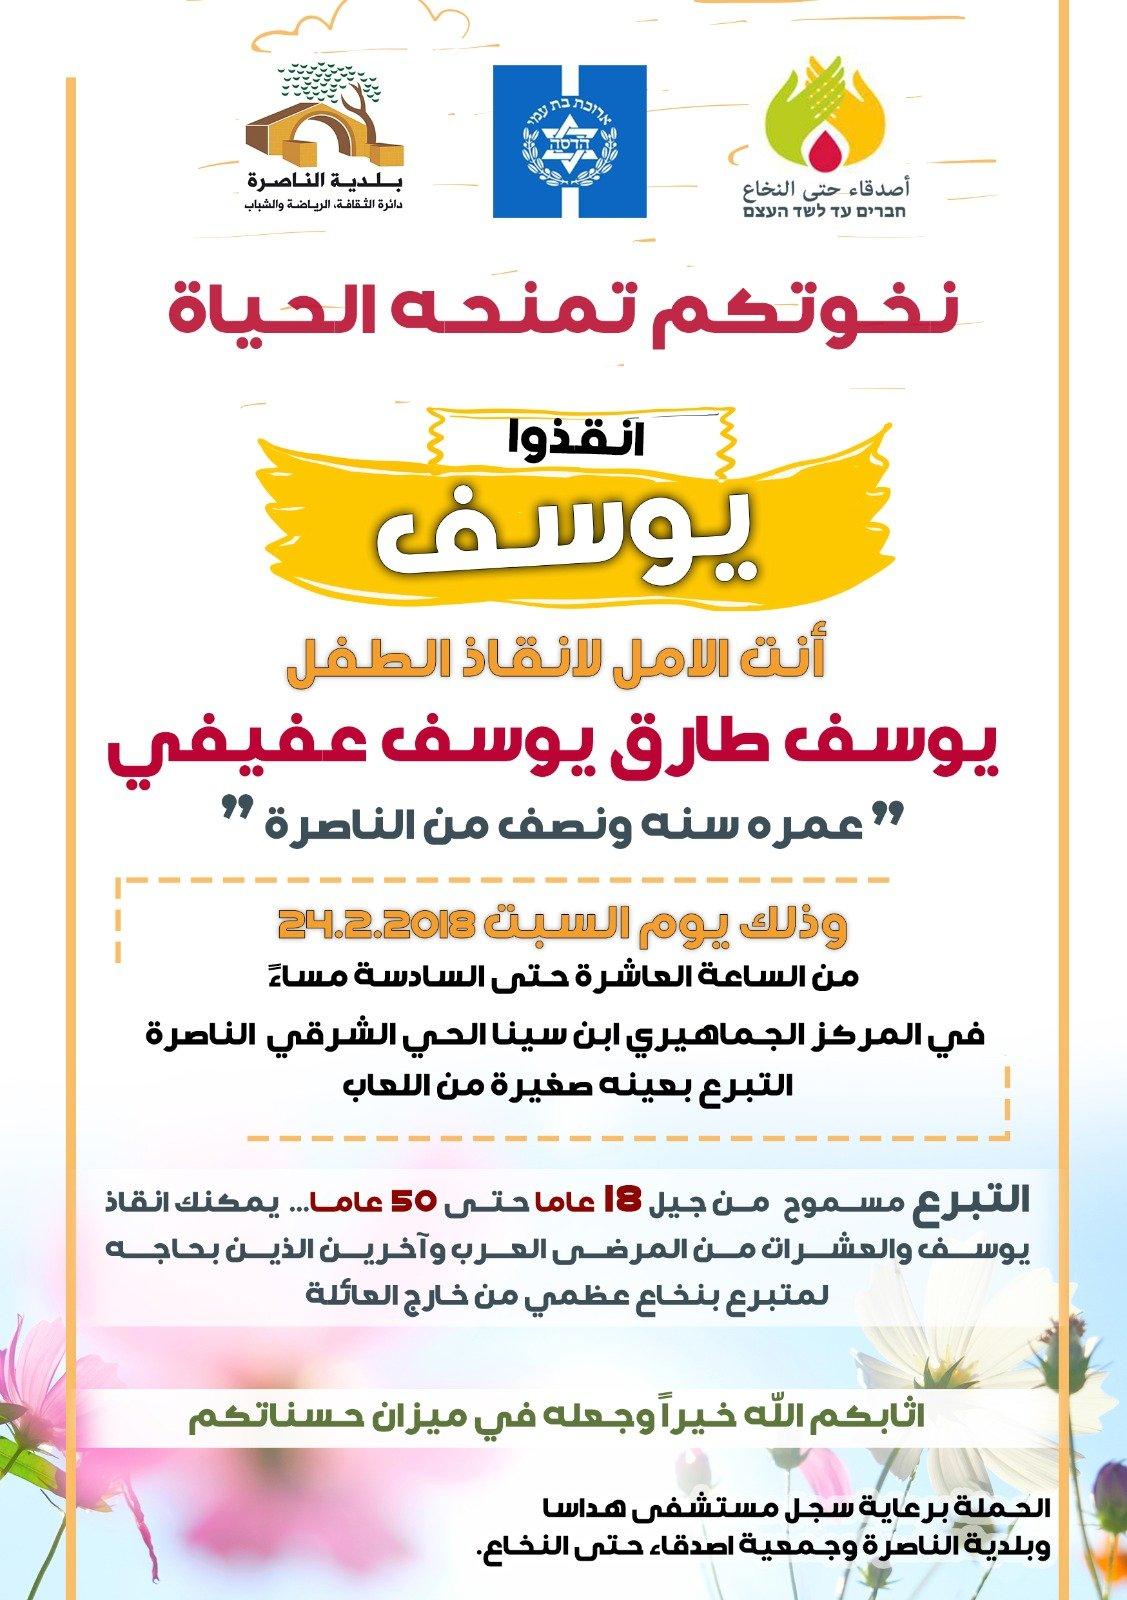 اليوم السبت في الناصرة: حملة لإنقاذ الطفل يوسف العفيفي .. دقيقة من وقتكم فقط-0